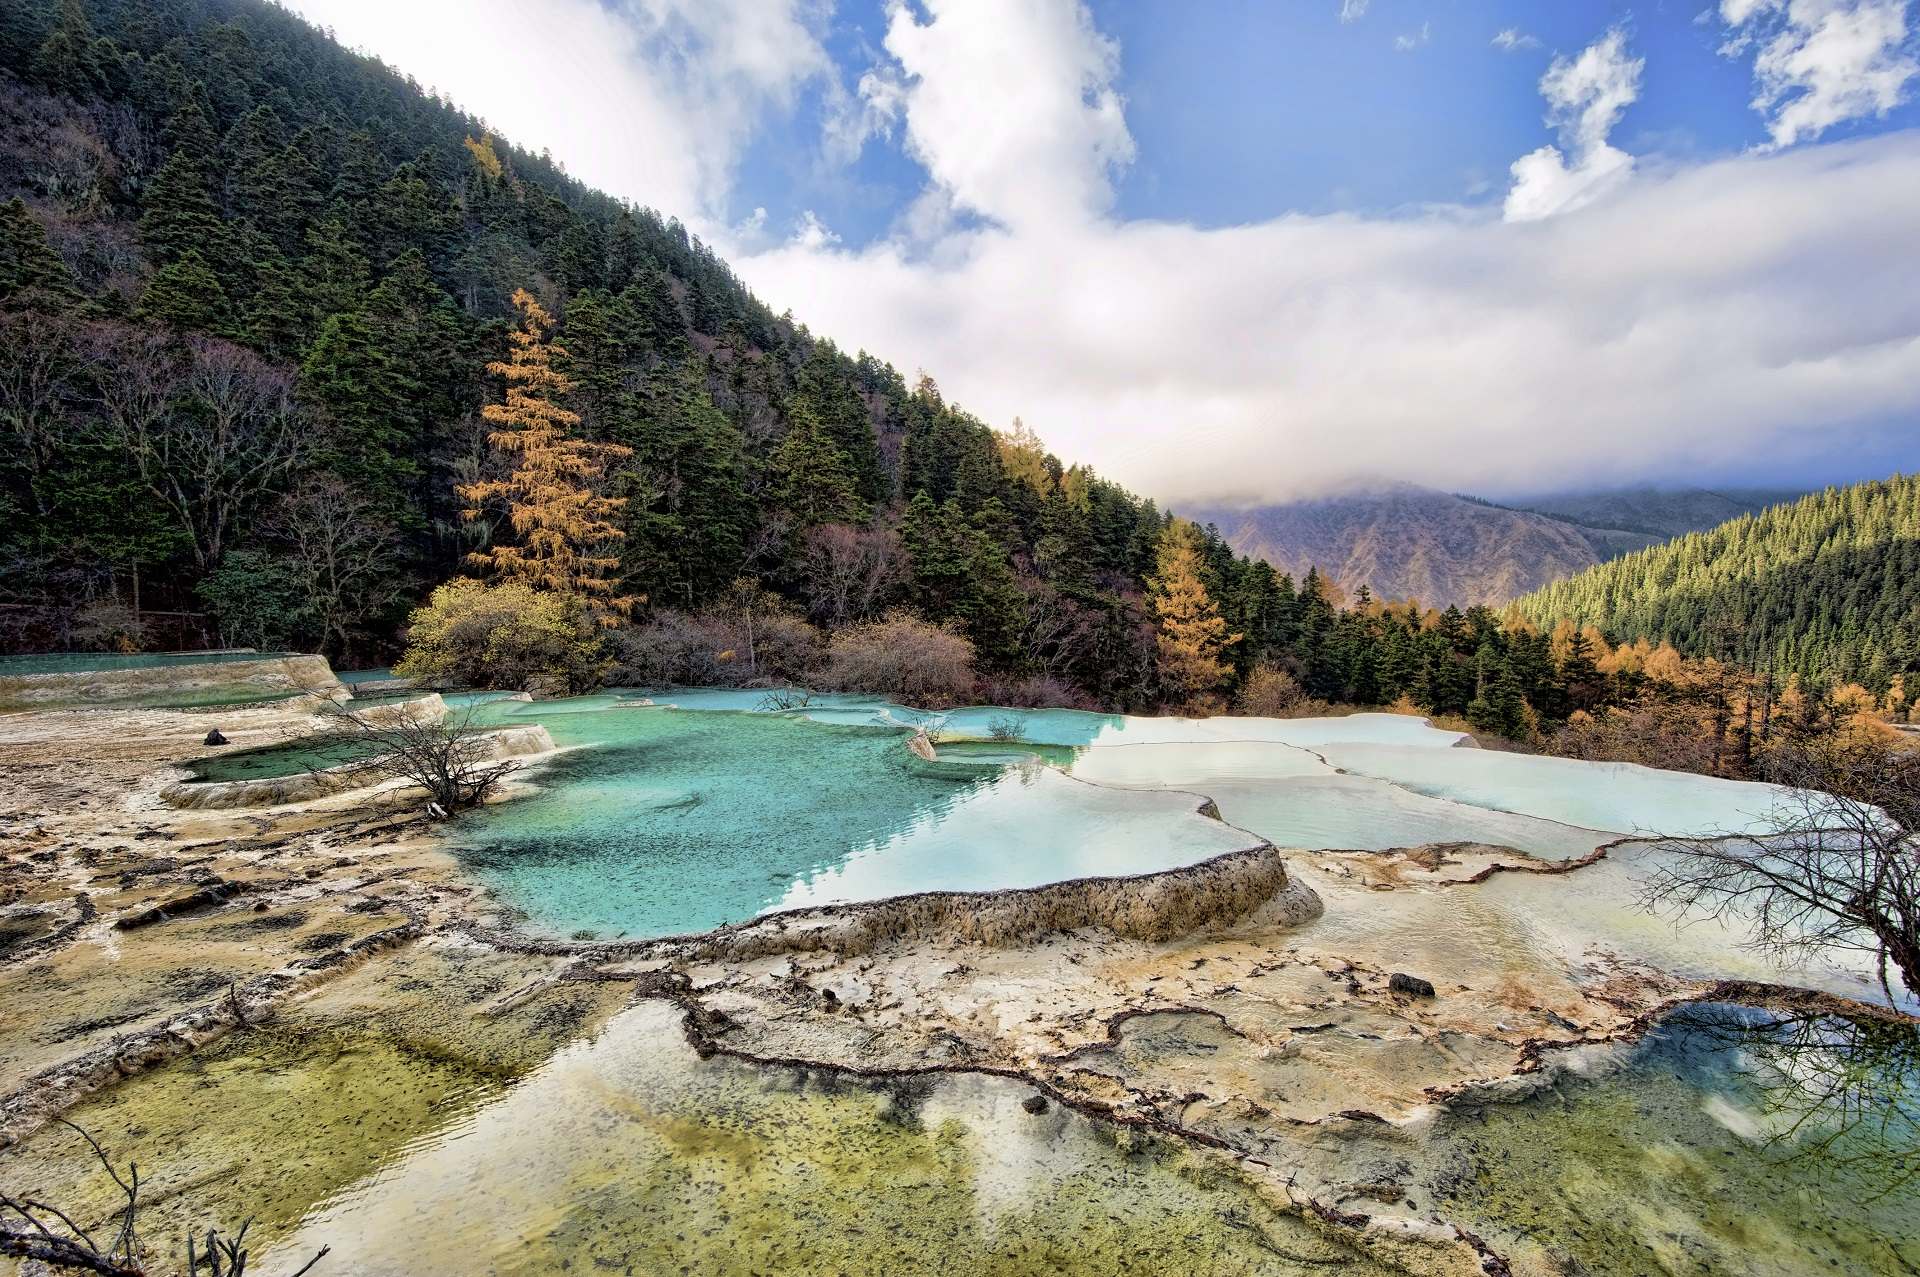 Guida alle 5 piscine naturali pi belle del mondo dididonna - Isola di saona piscine naturali ...